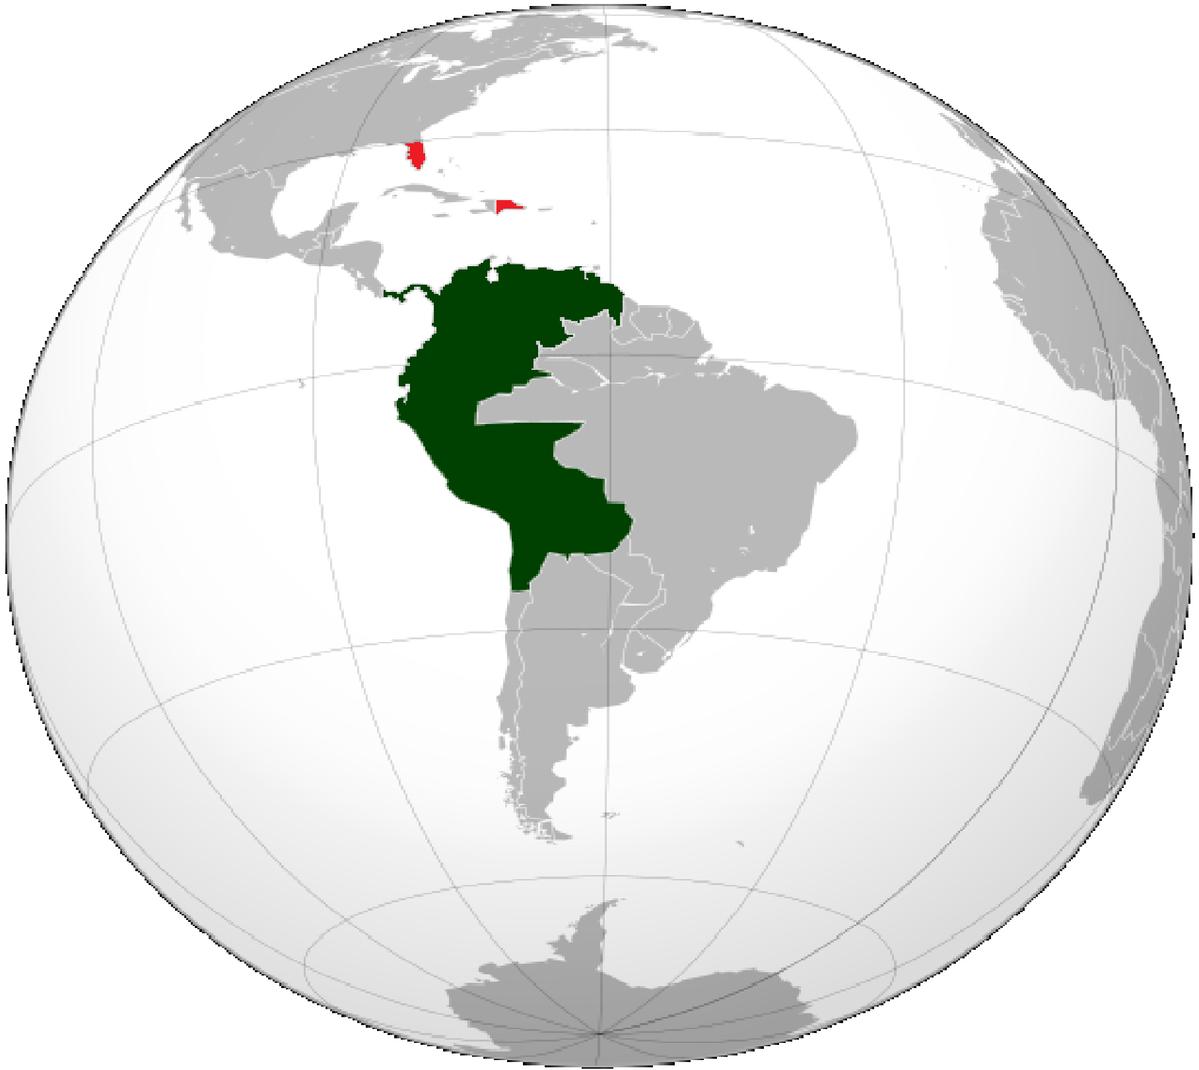 Los colombianos en su jornada diaria de trabajo - 3 part 6